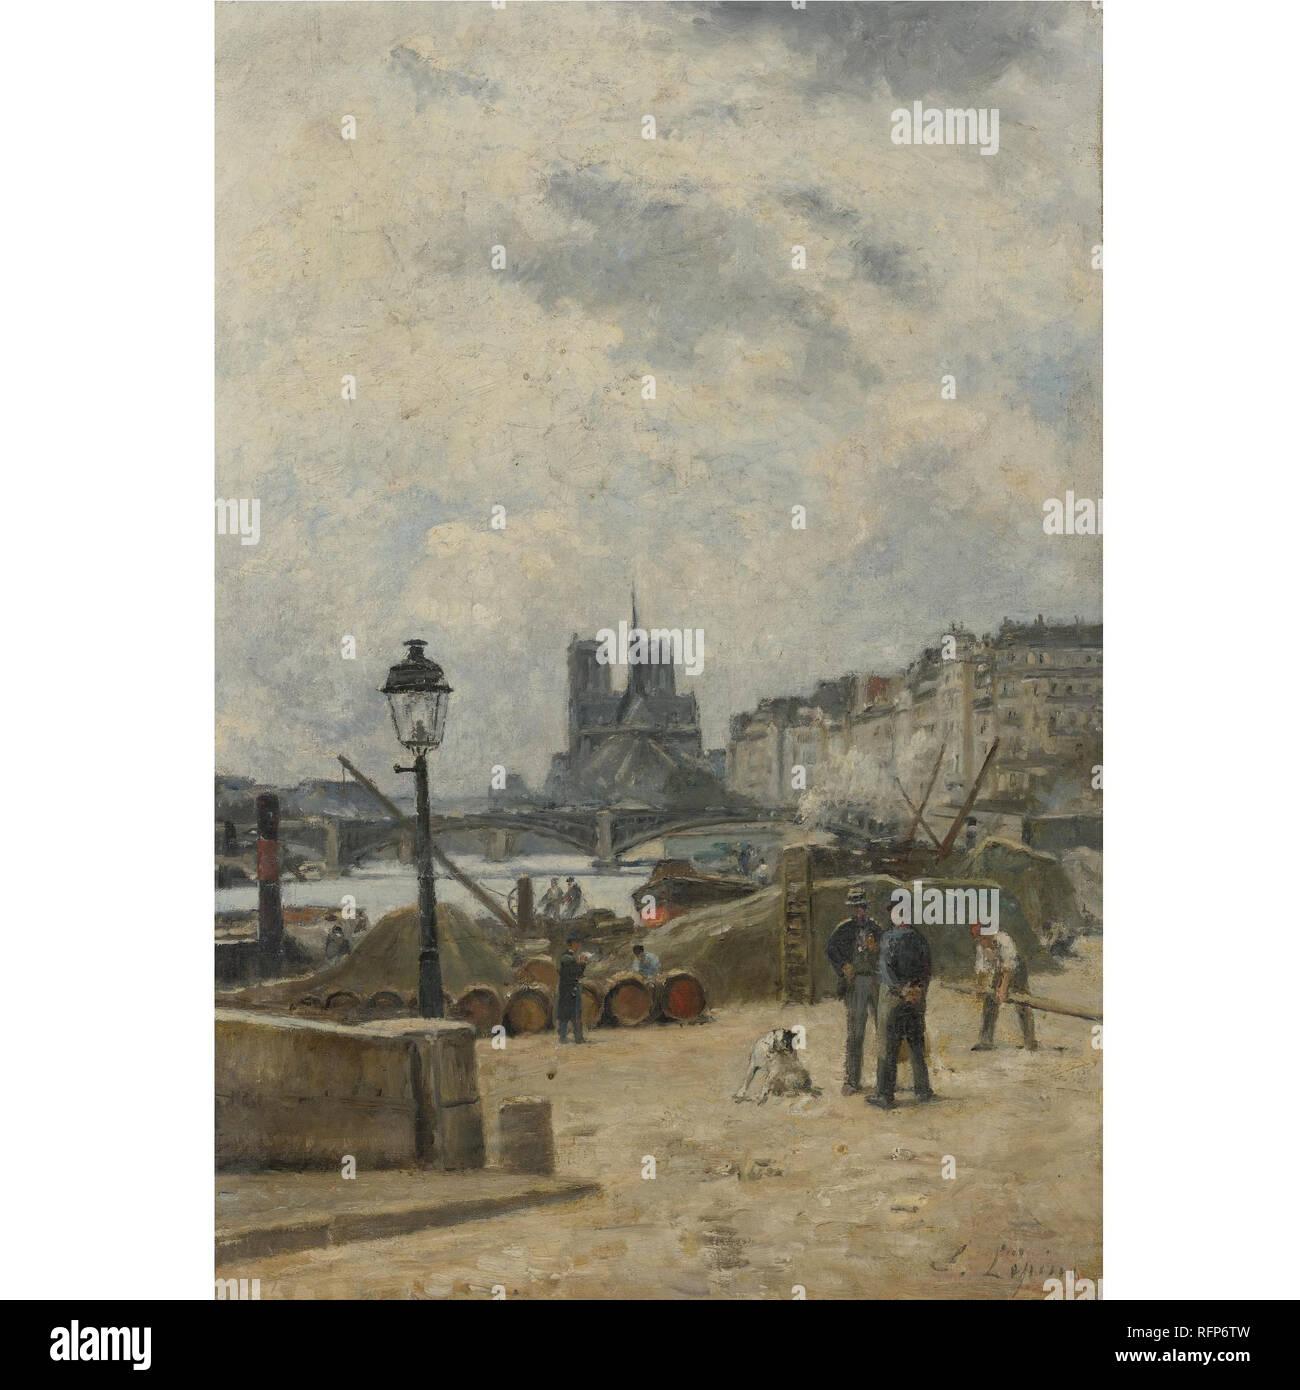 Stanislas Lpine 1835 - 1892 FRANCÉS EL SENA EN PONT DE SULLY Y LE QUAI HENRI IV.jpg - RFP6TW Foto de stock